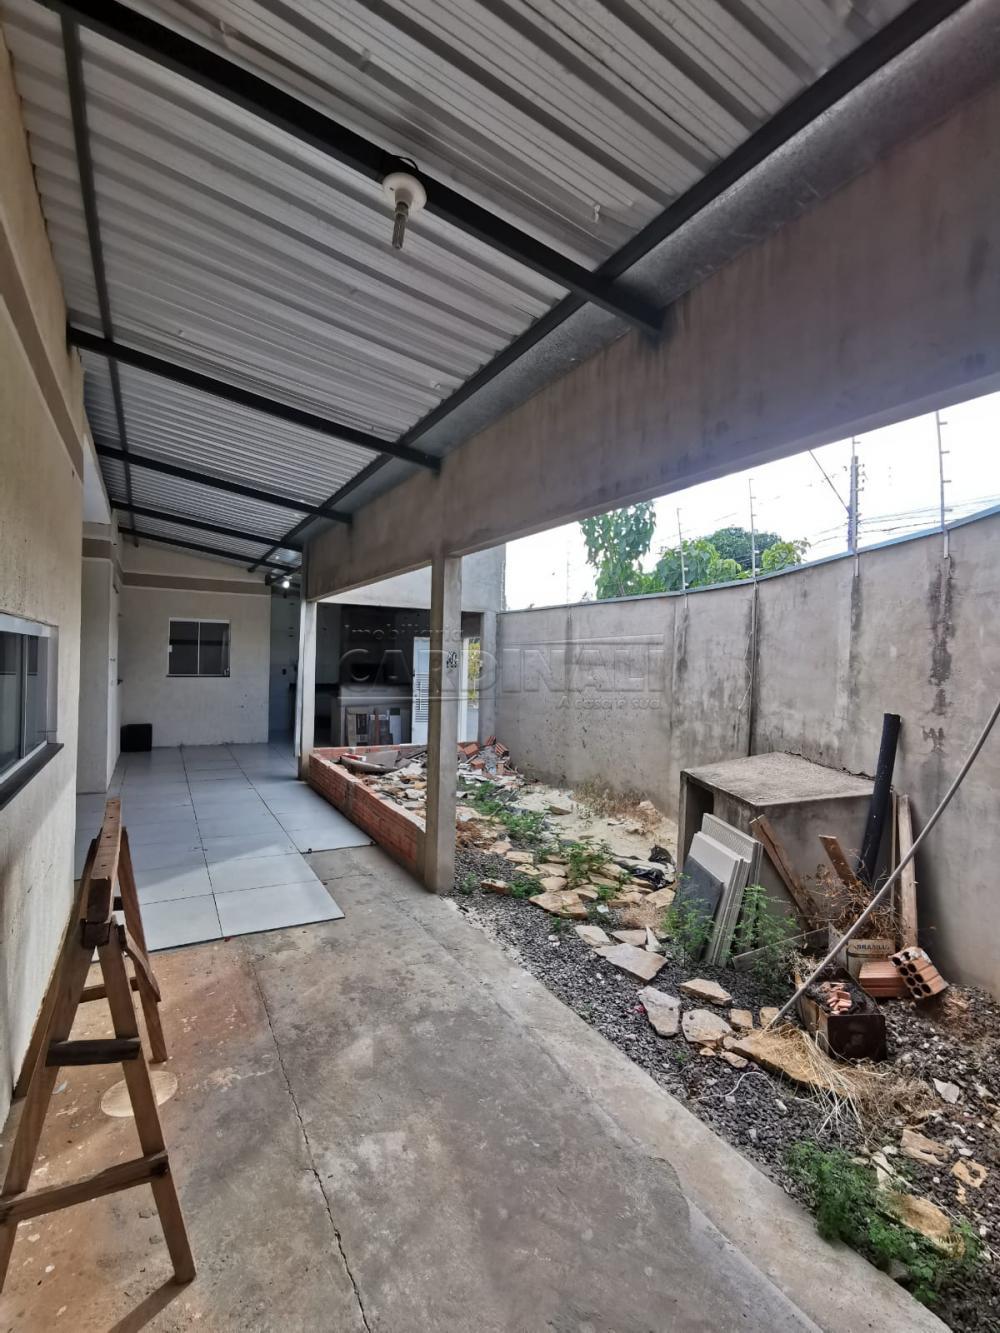 Comprar Casa / Padrão em Araraquara R$ 300.000,00 - Foto 22